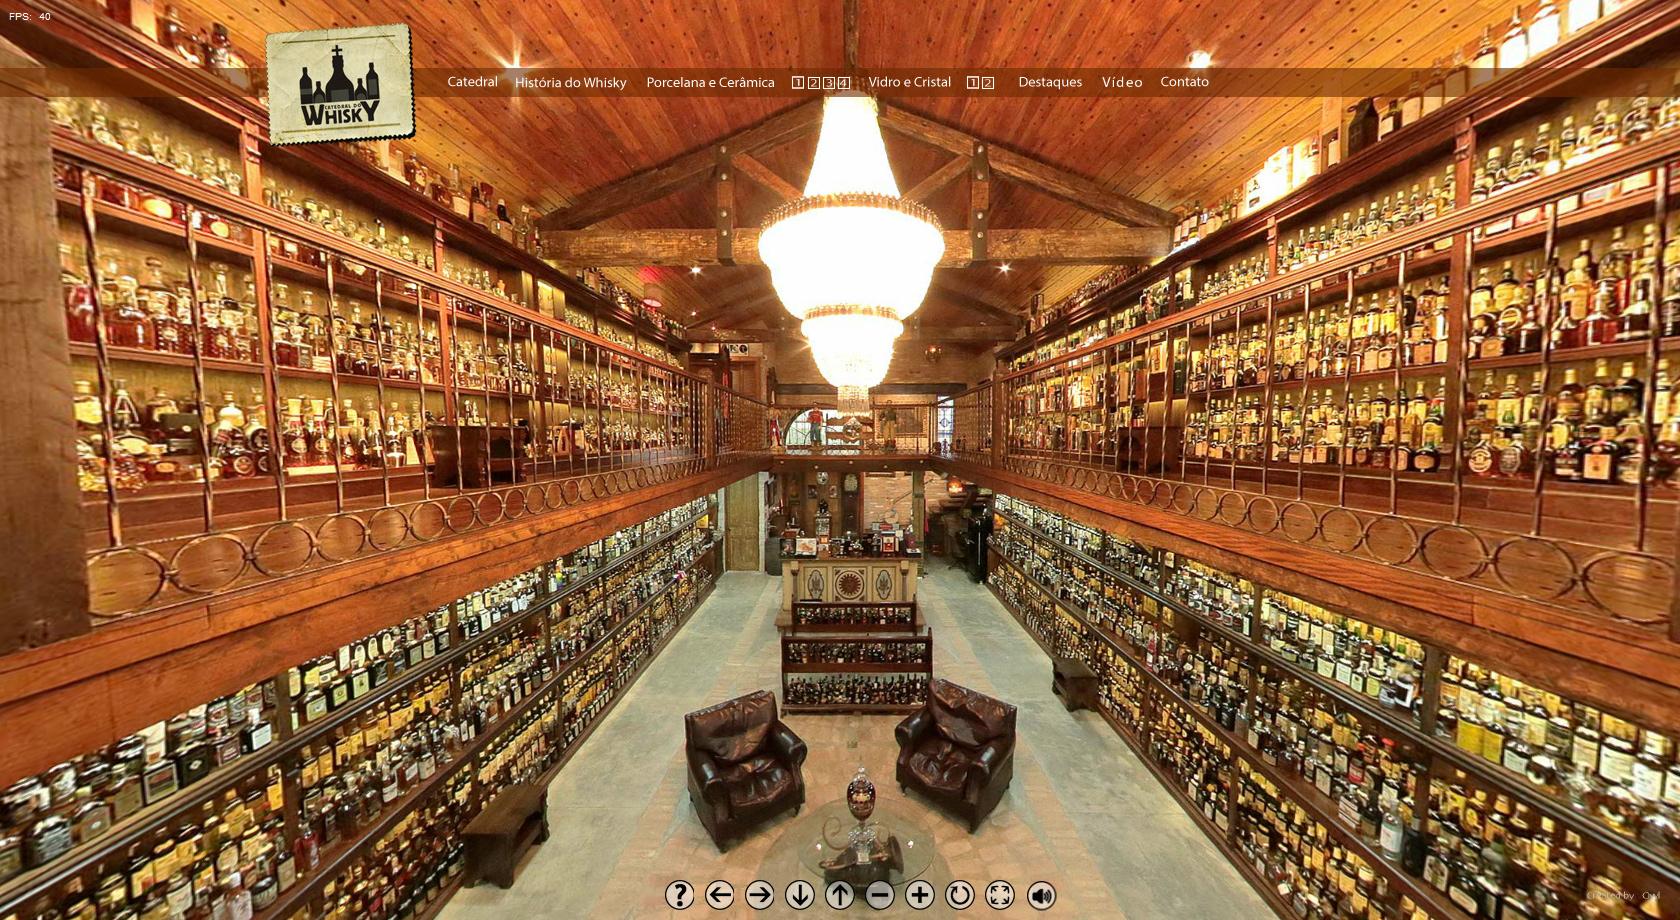 whisky im bild die whisky kathedrale whiskyexperts. Black Bedroom Furniture Sets. Home Design Ideas